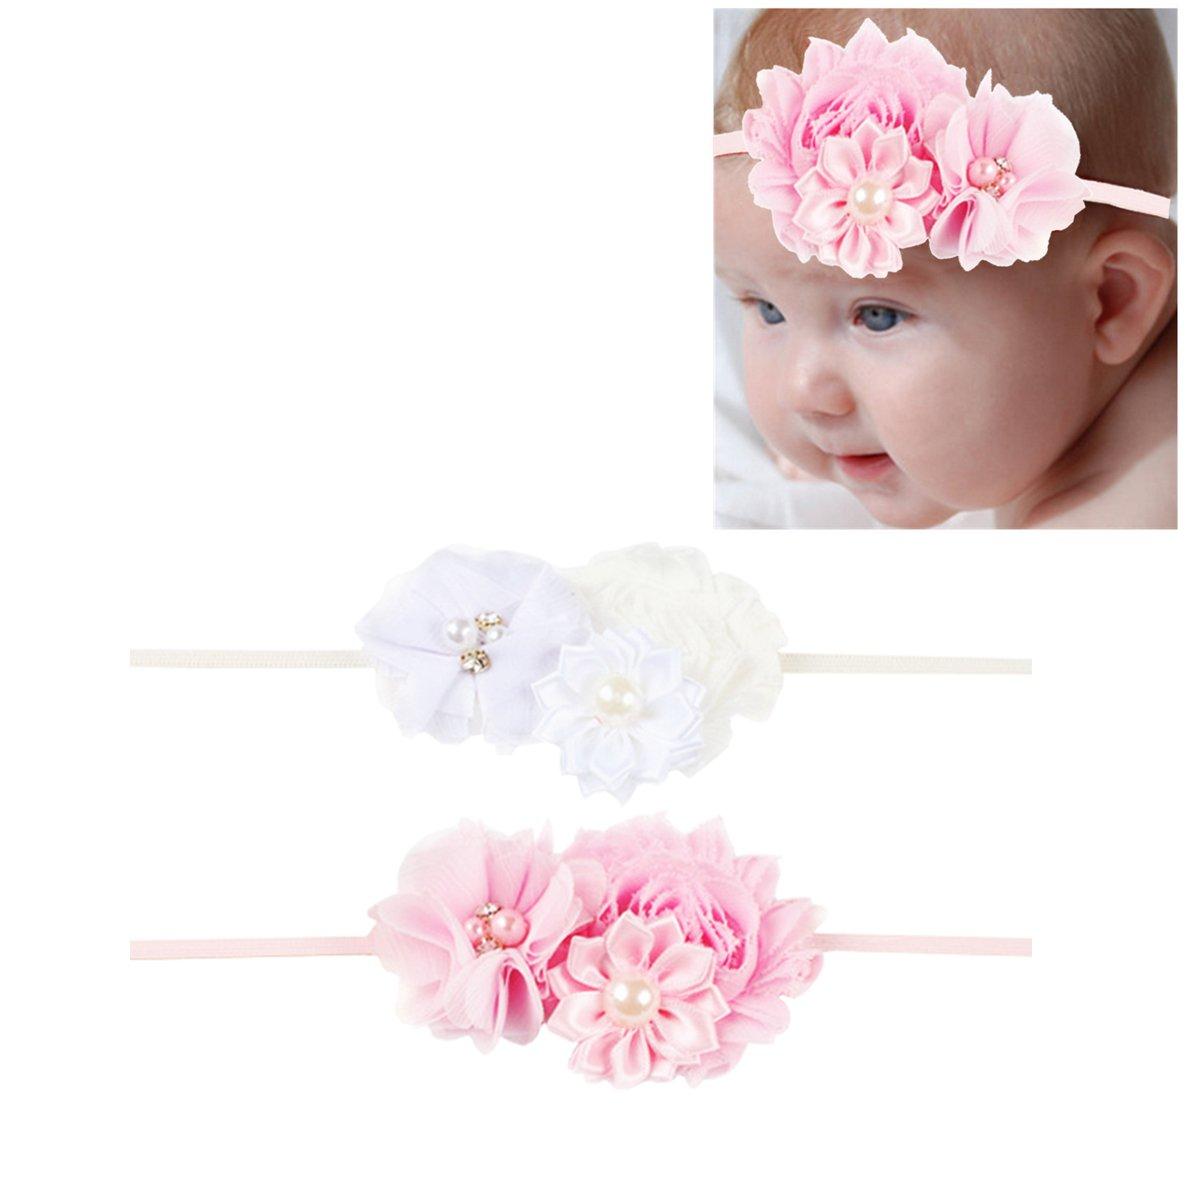 Hocaies Ni/ñas beb/és vendas de la flor Fotograf/ía Atrezzo Diadema Accesorios